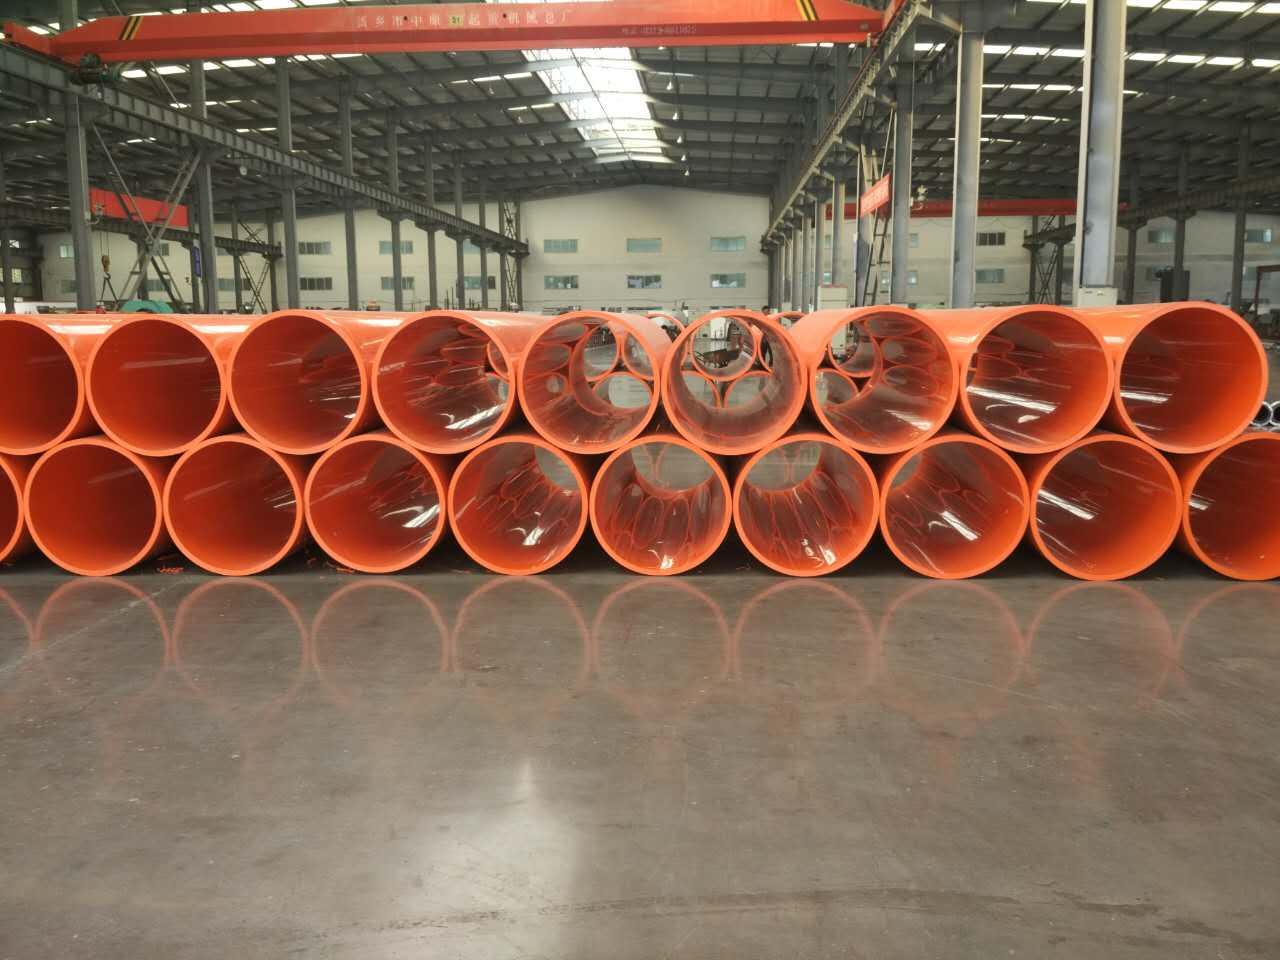 逃生管材超高分子量聚乙烯隧道逃生管道厂家现货直销